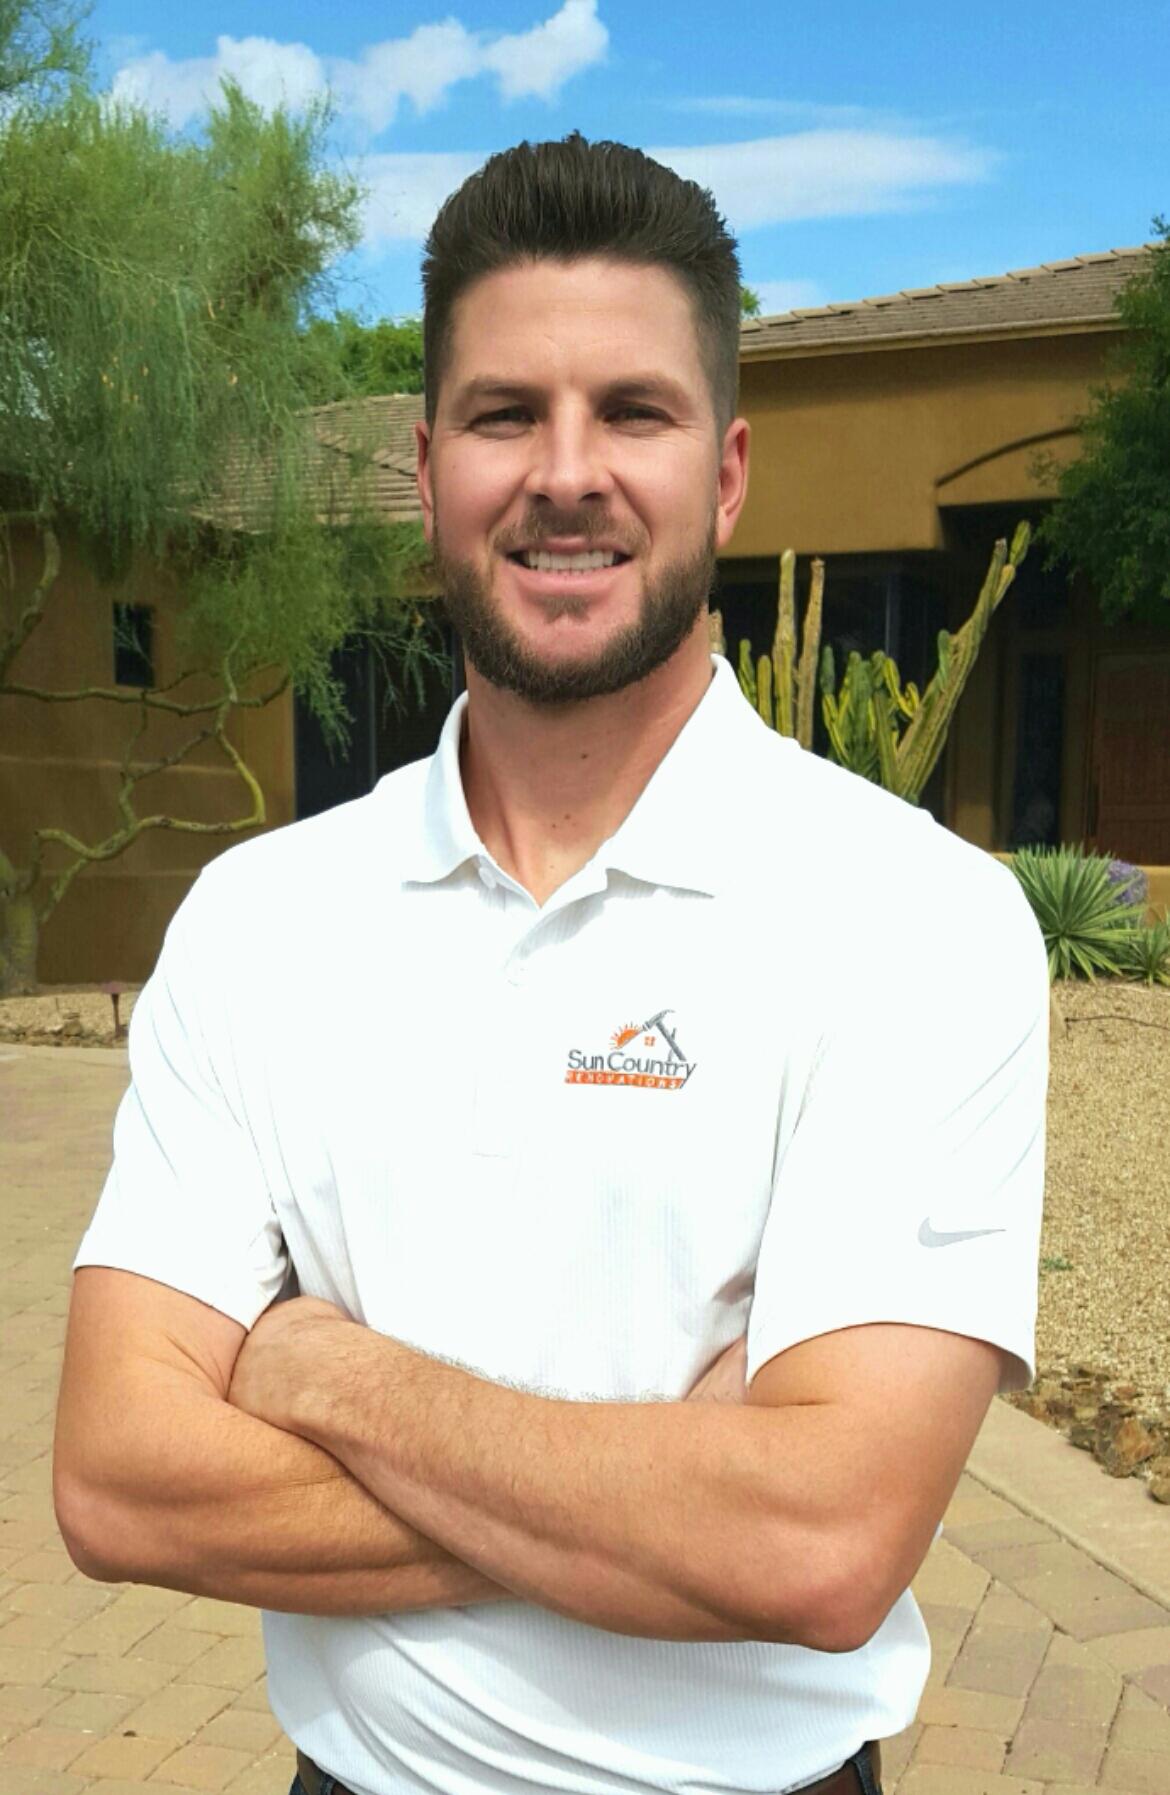 Steve Garrett, Sun Country Renovations Co-Founder